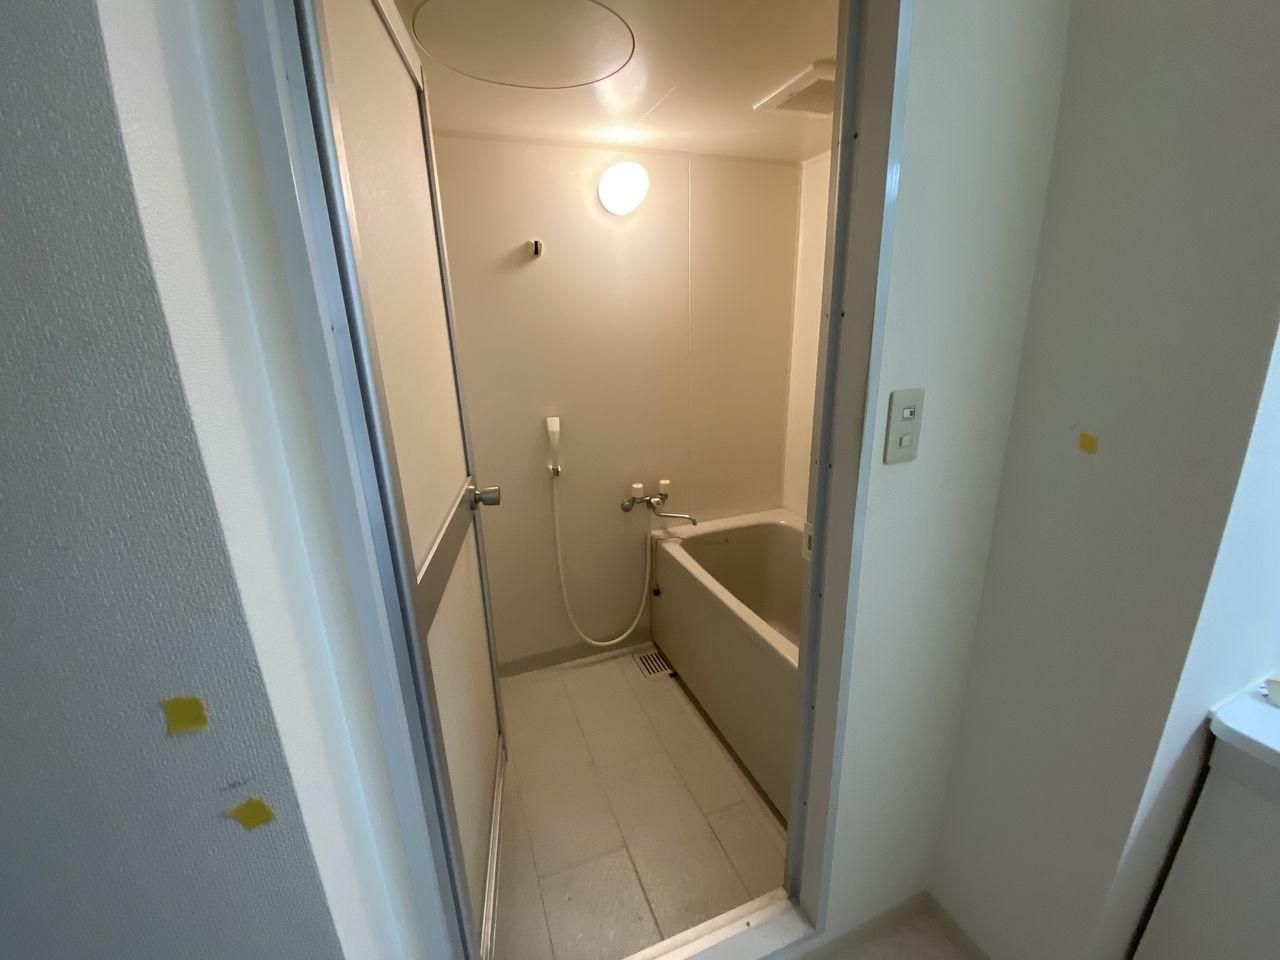 EV付たまプラーザ駅2分のマンションの第5正美ビルの浴室